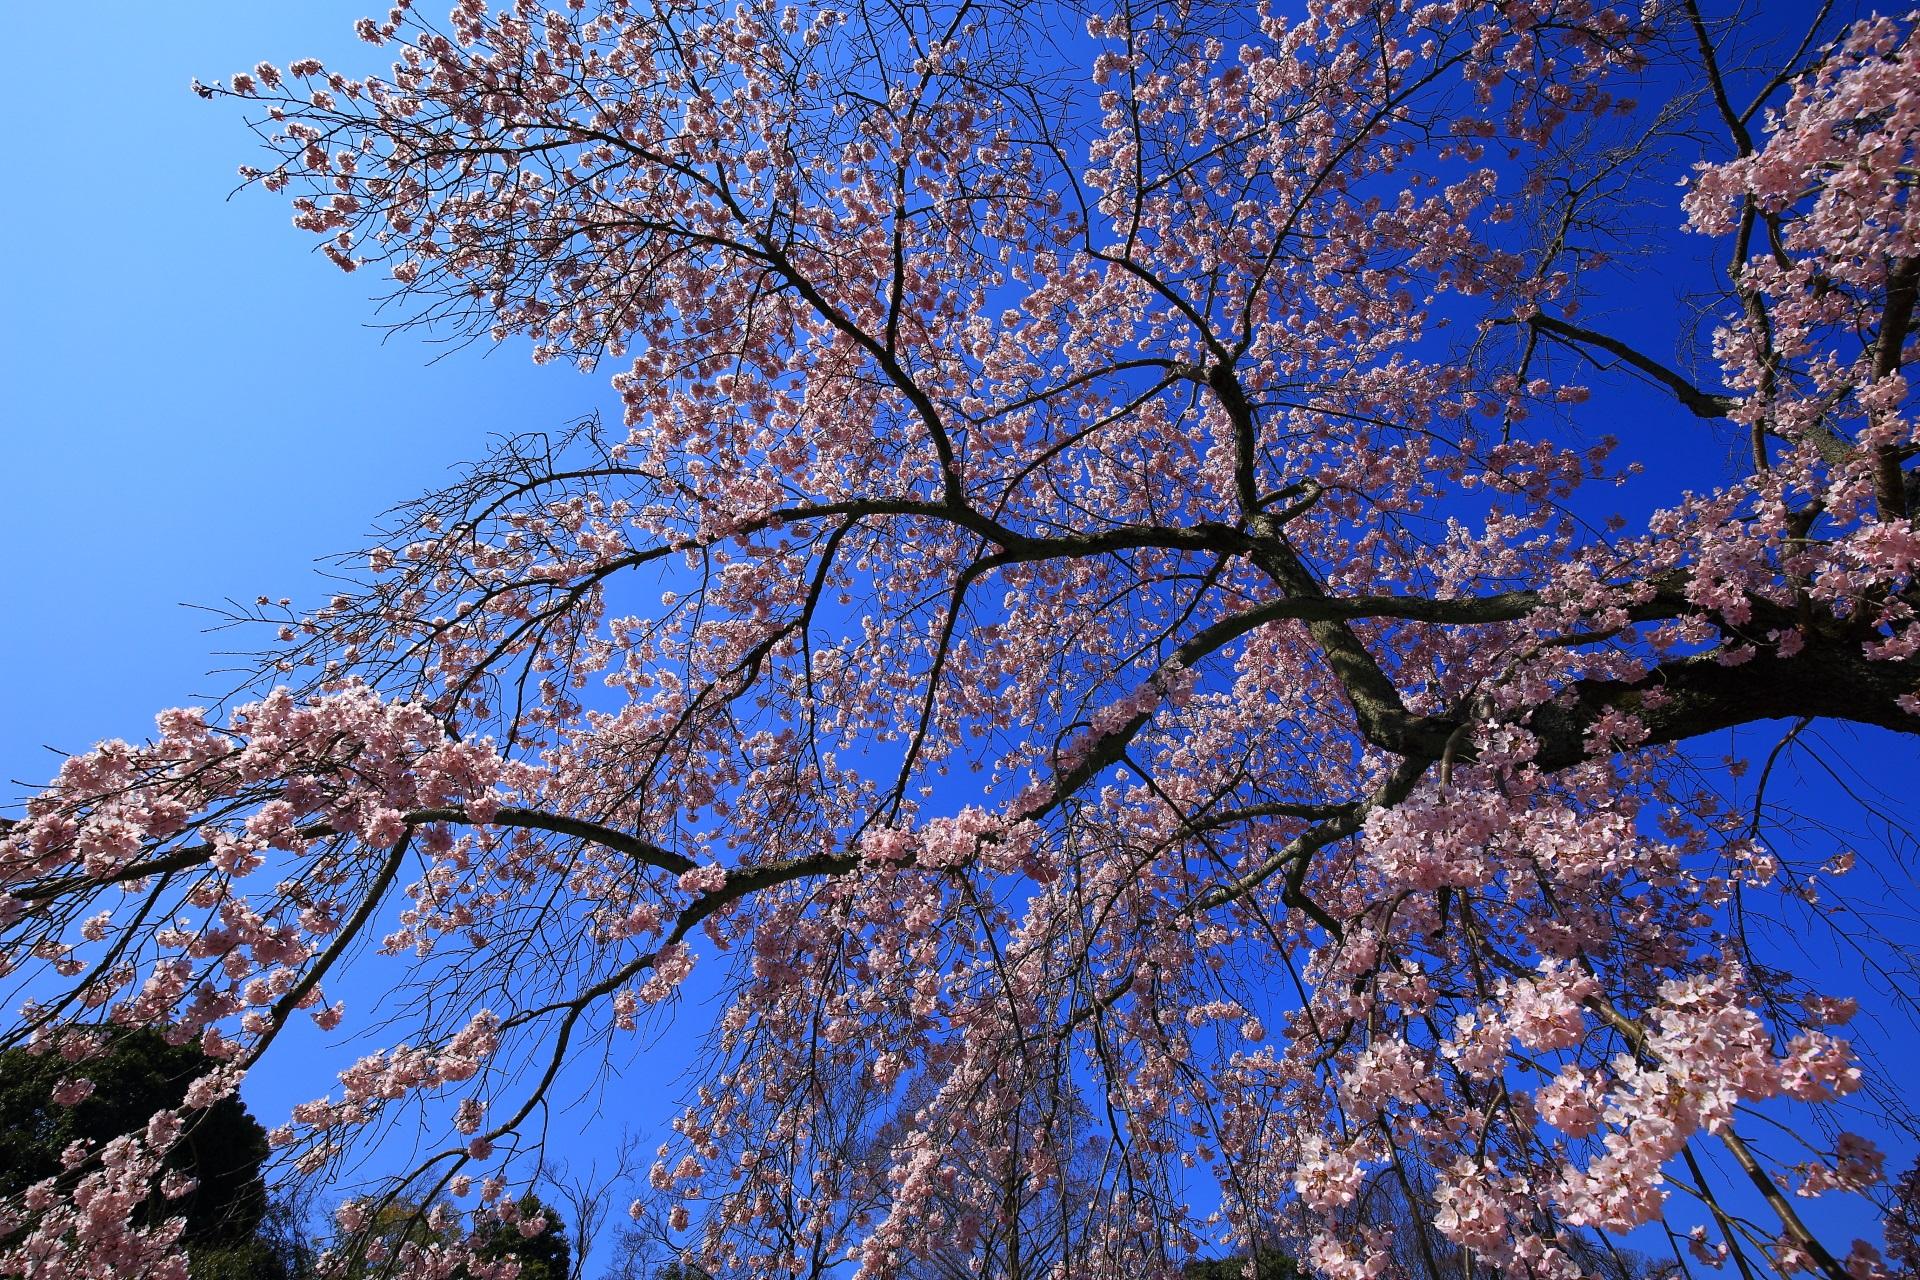 青空を彩る優雅なしだれ桜